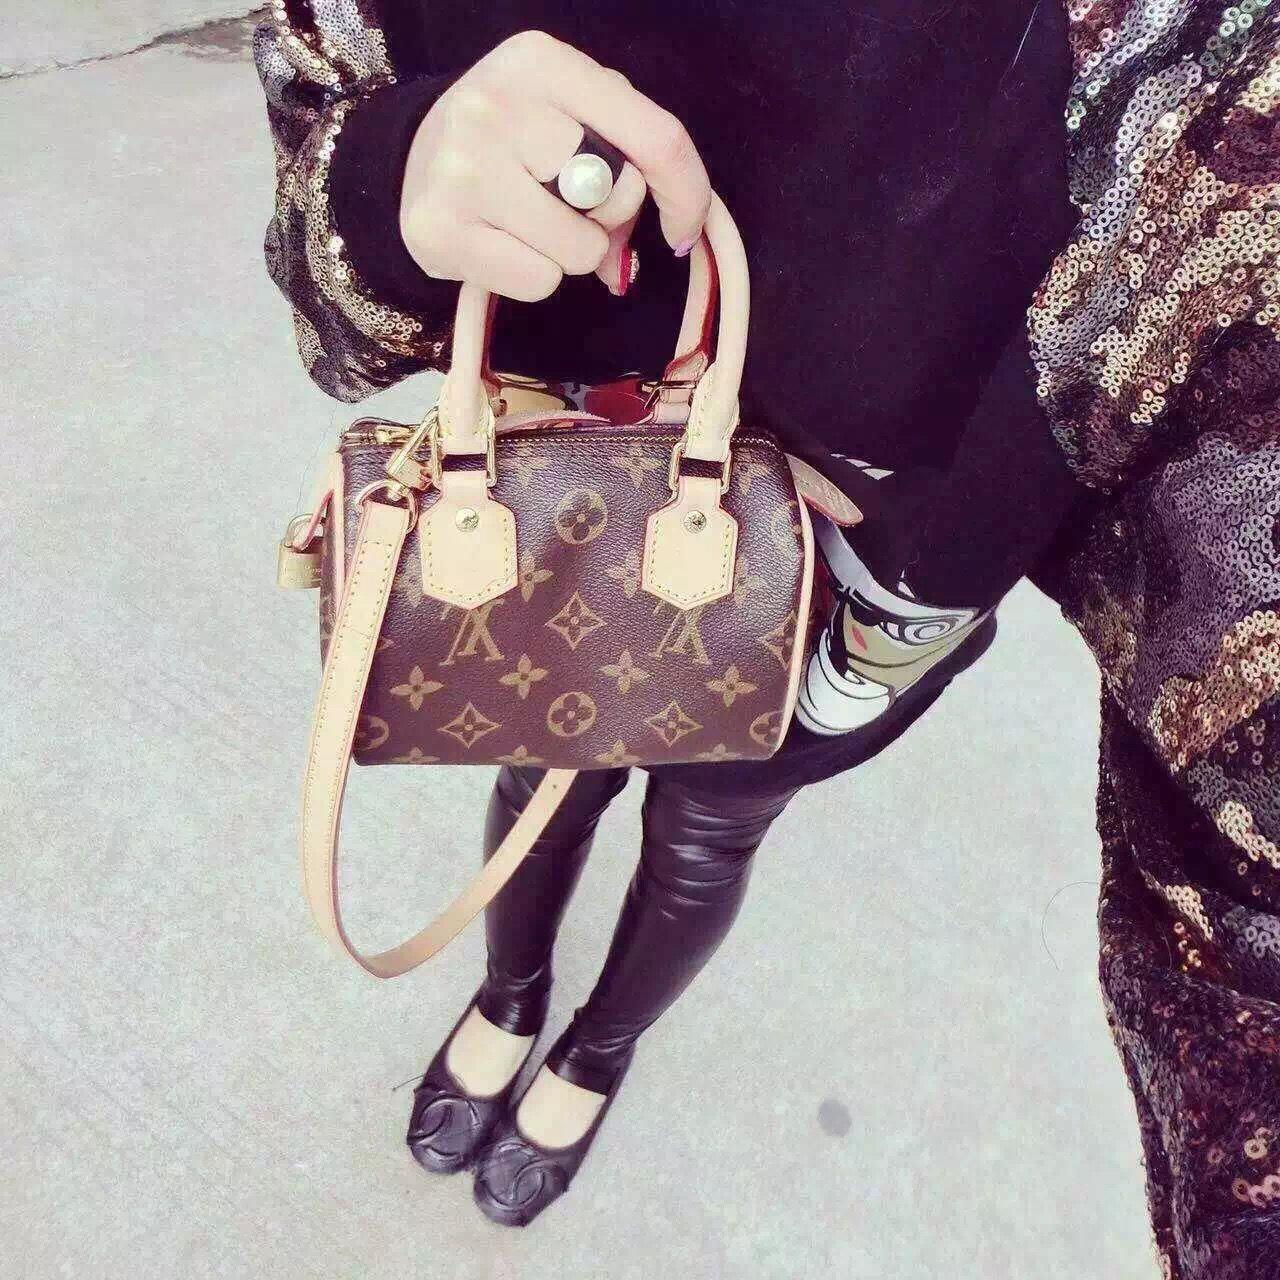 1a66a0ea6259 Louis Vuitton Mini Speedy Bag Louis Vuitton bag, сумки модные брендовые, LV  handbags